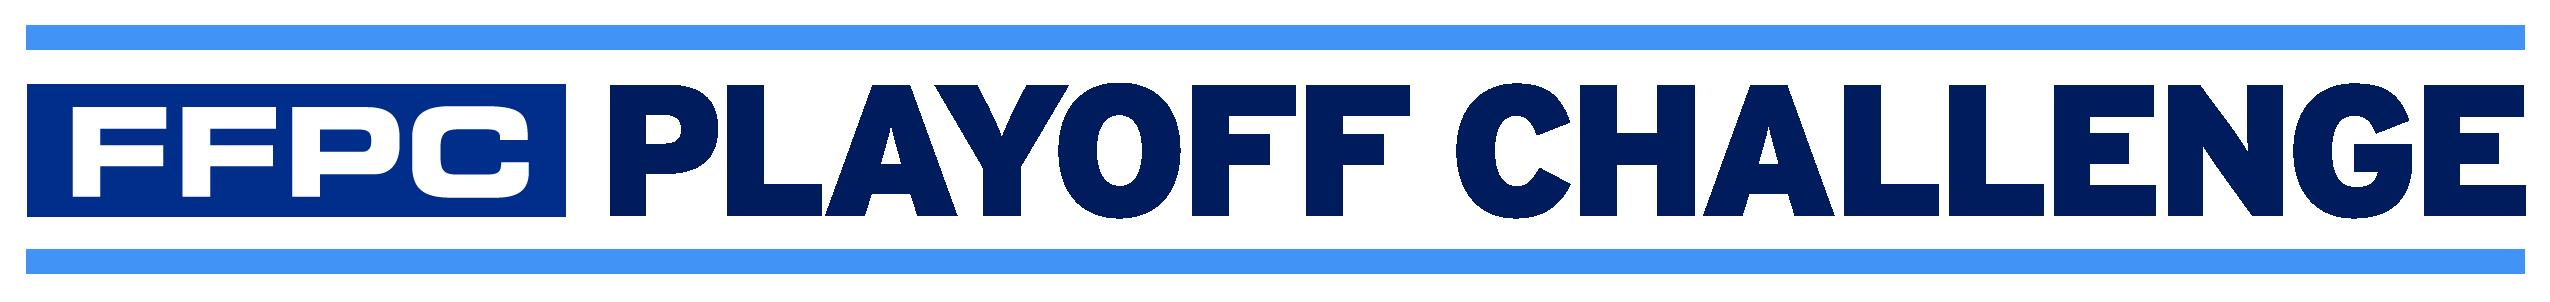 FFPC Playoff Challenge